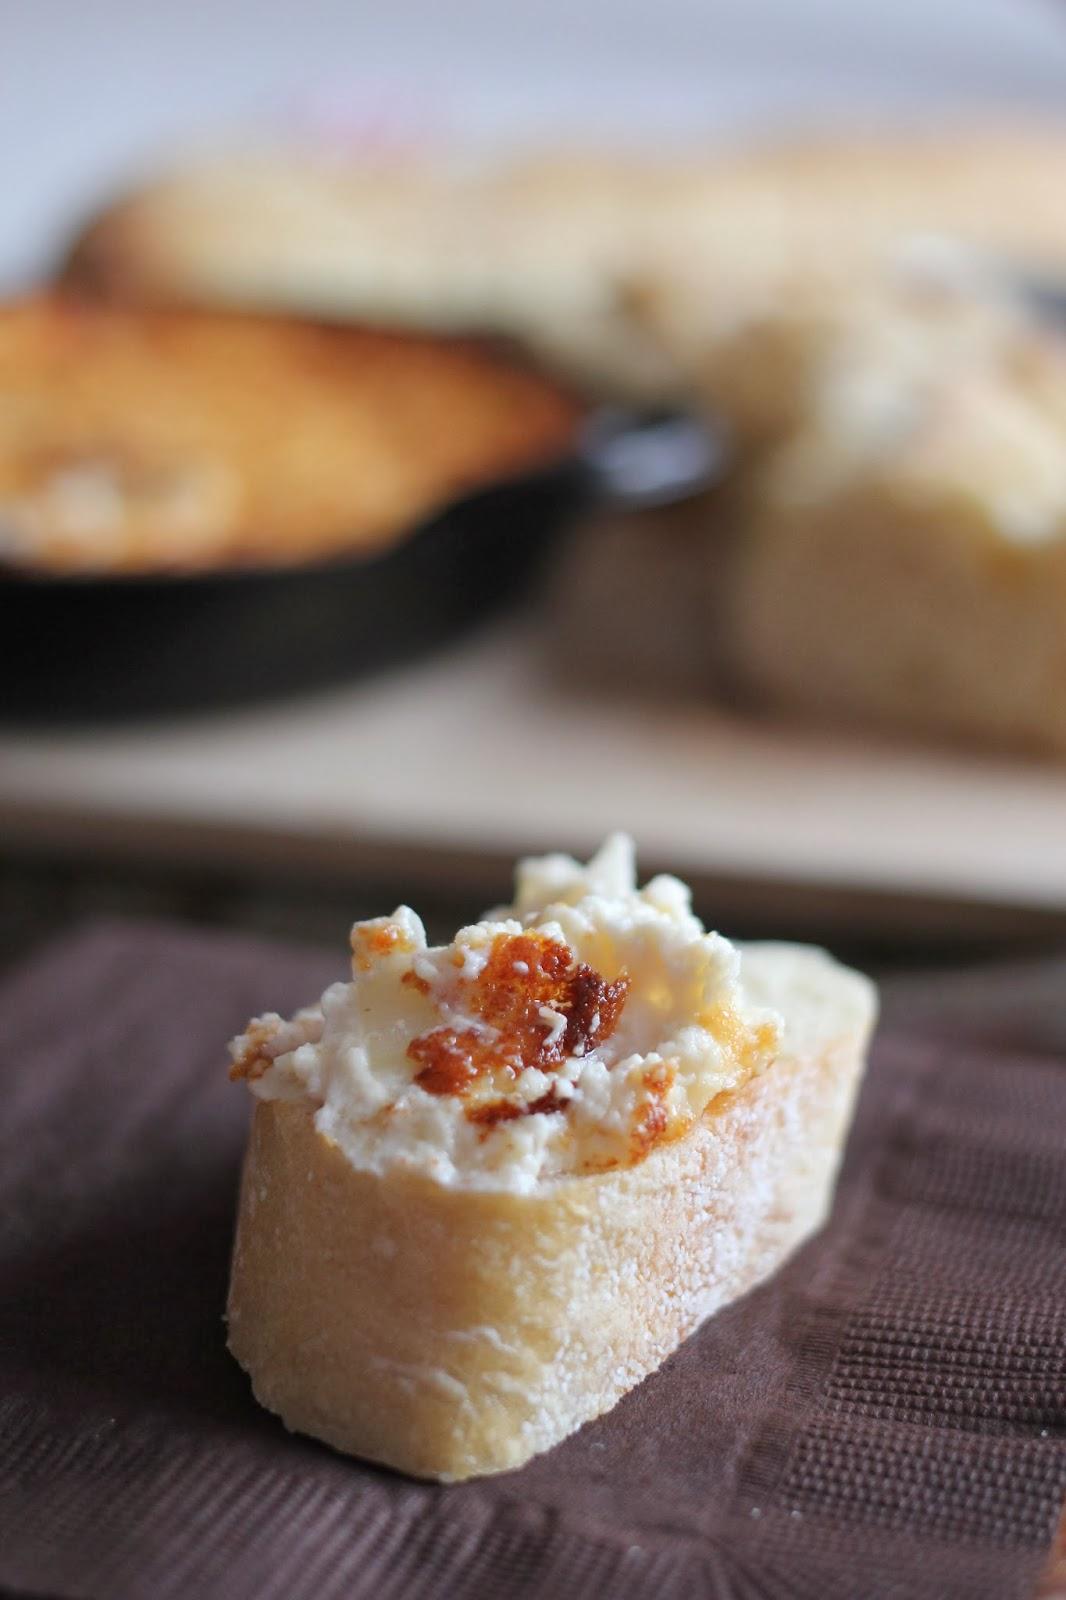 Arctic Garden Studio: Spicy Sweet Onion Dip